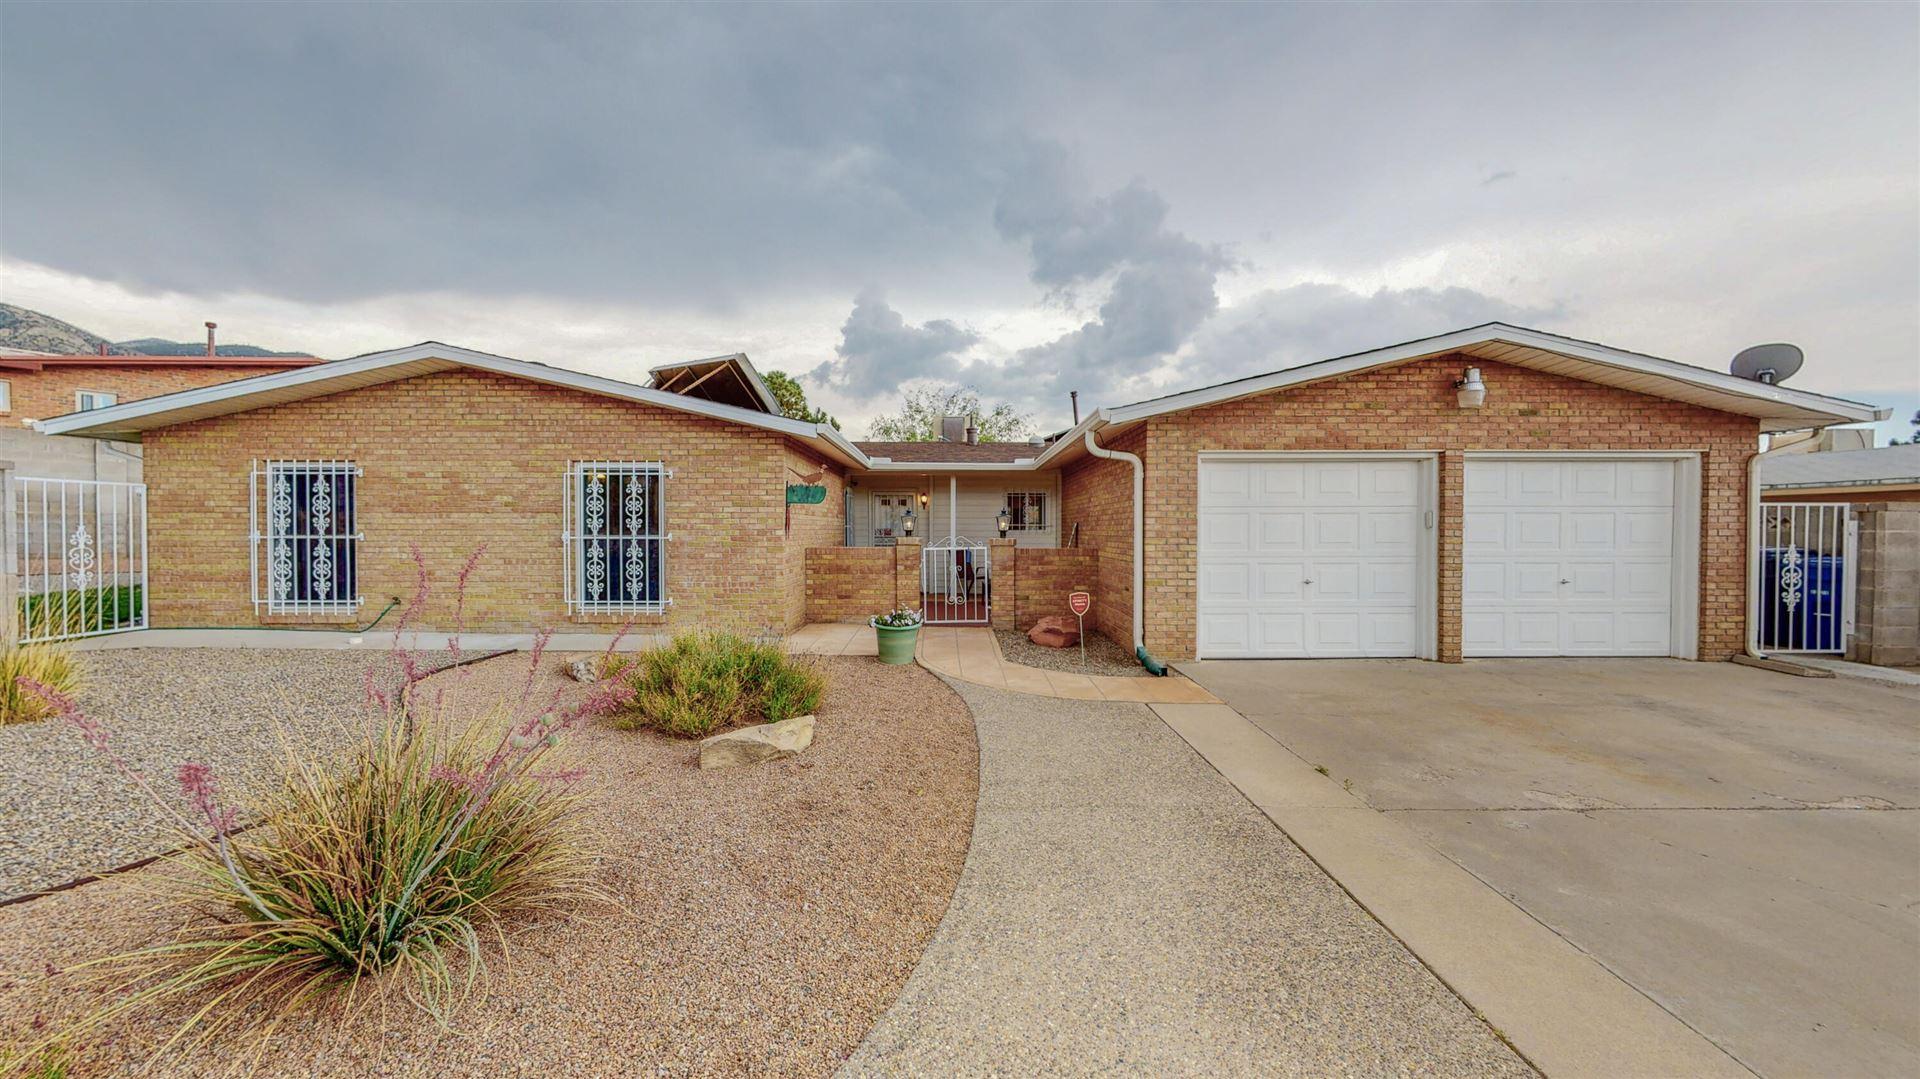 12112 GLEN CANYON Road NE, Albuquerque, NM 87111 - #: 993808